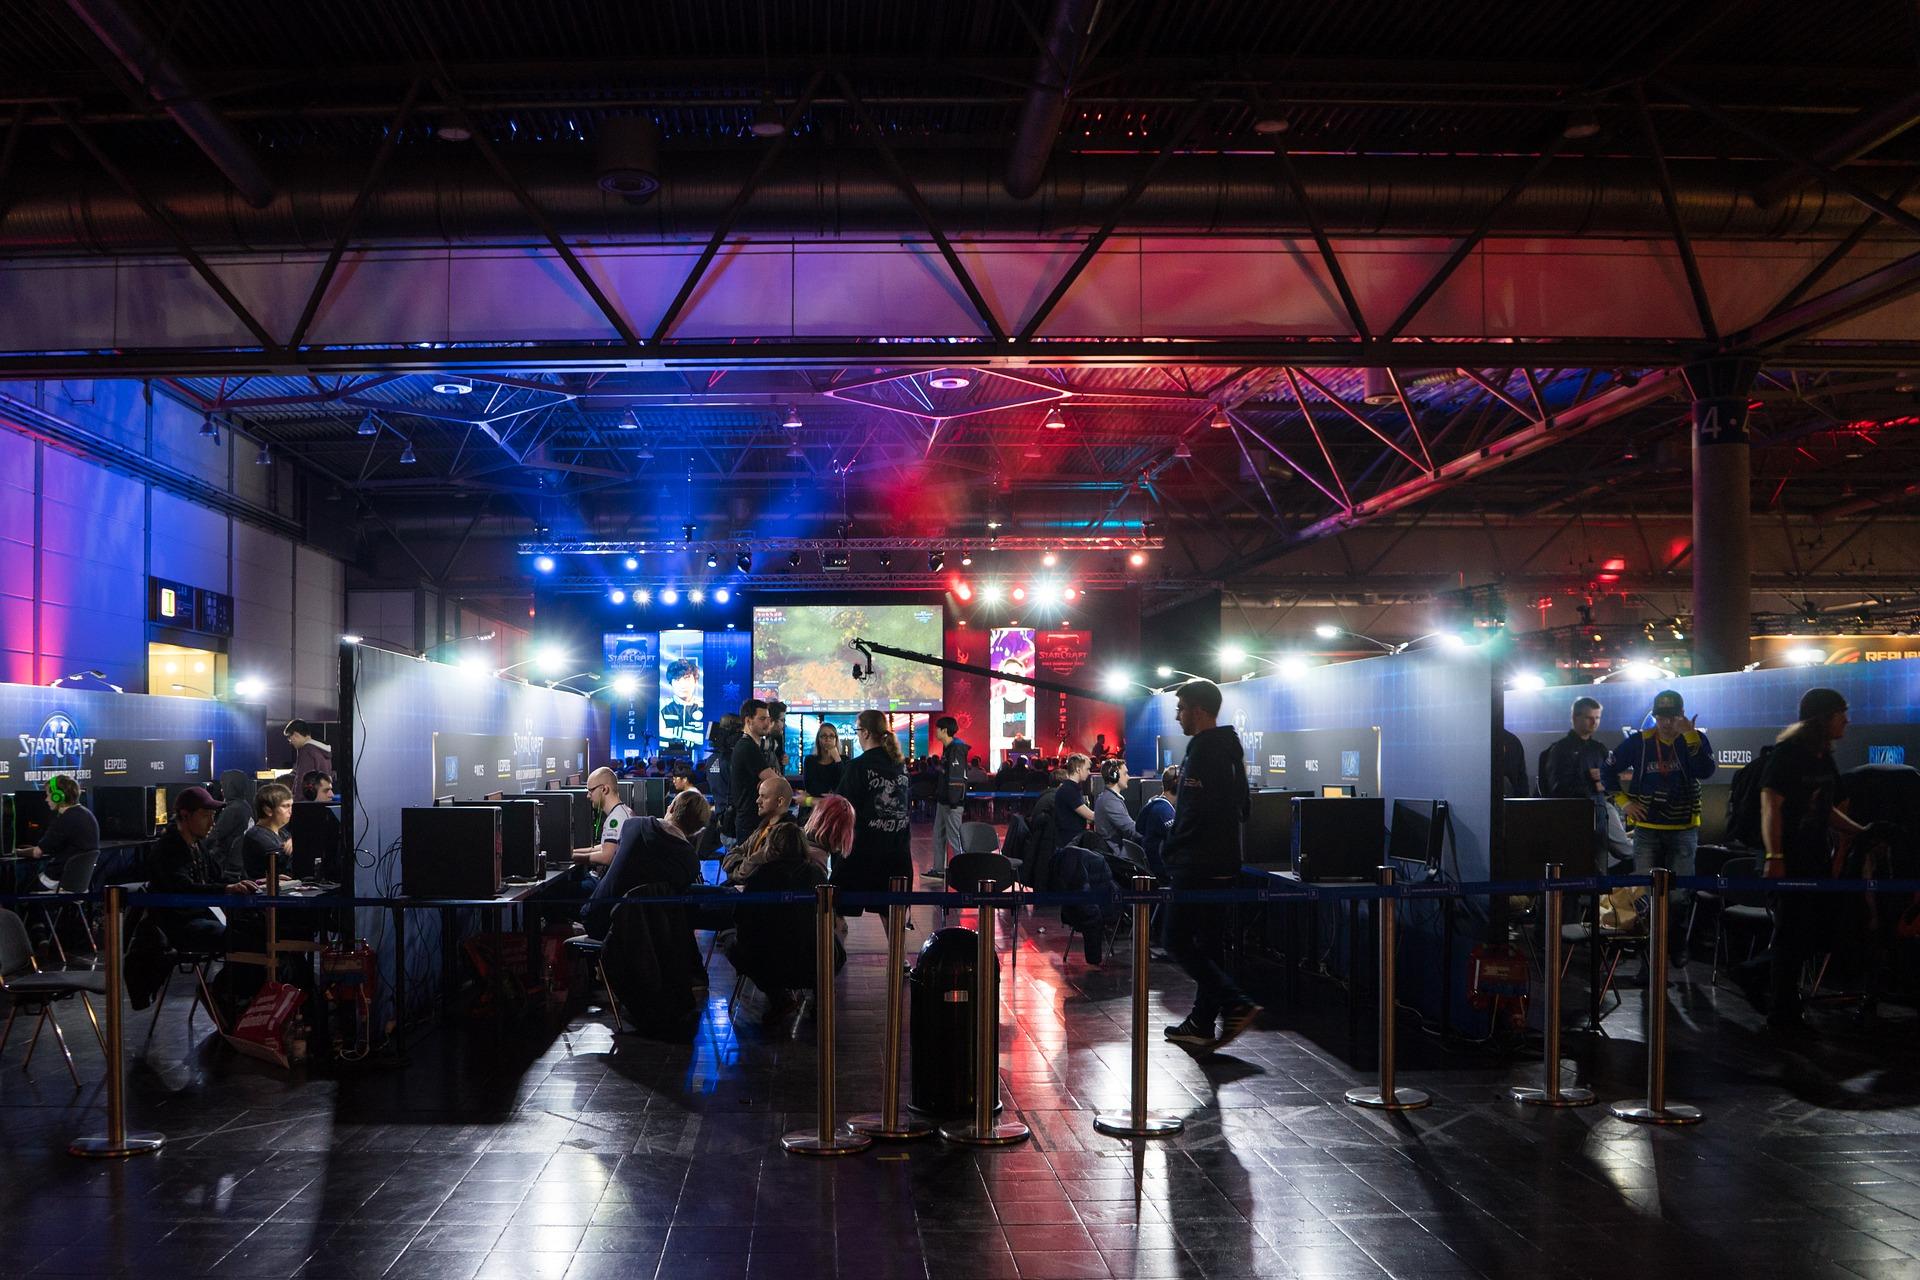 Аудитория киберспортивных соревнований в России